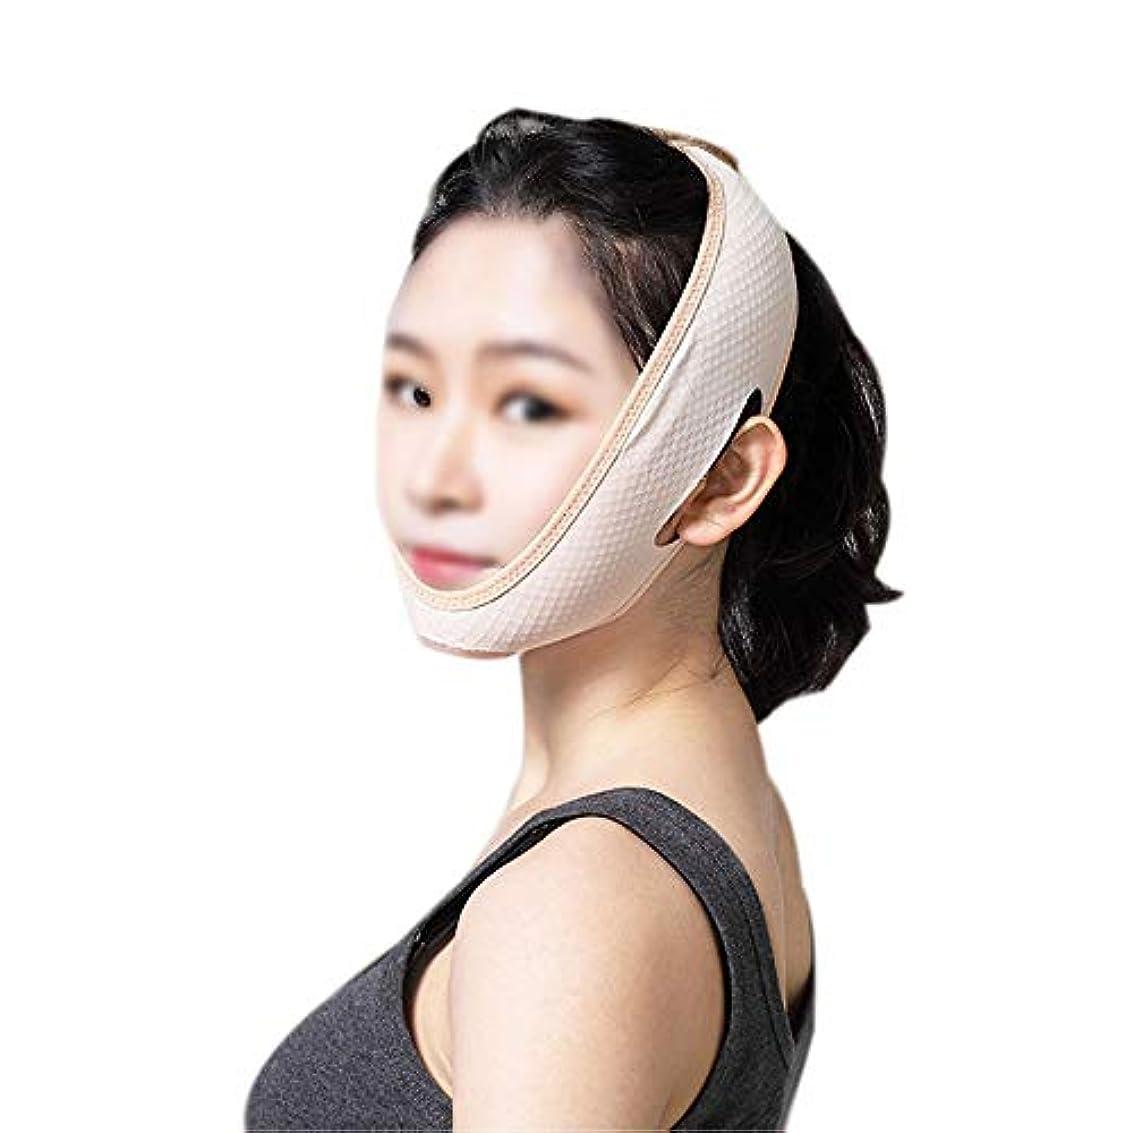 暴露最小化する急降下GLJJQMY フェイスリフティング包帯睡眠薄いフェイスマスクは肌を引き締め、二重あごのマスクを減らす 顔用整形マスク